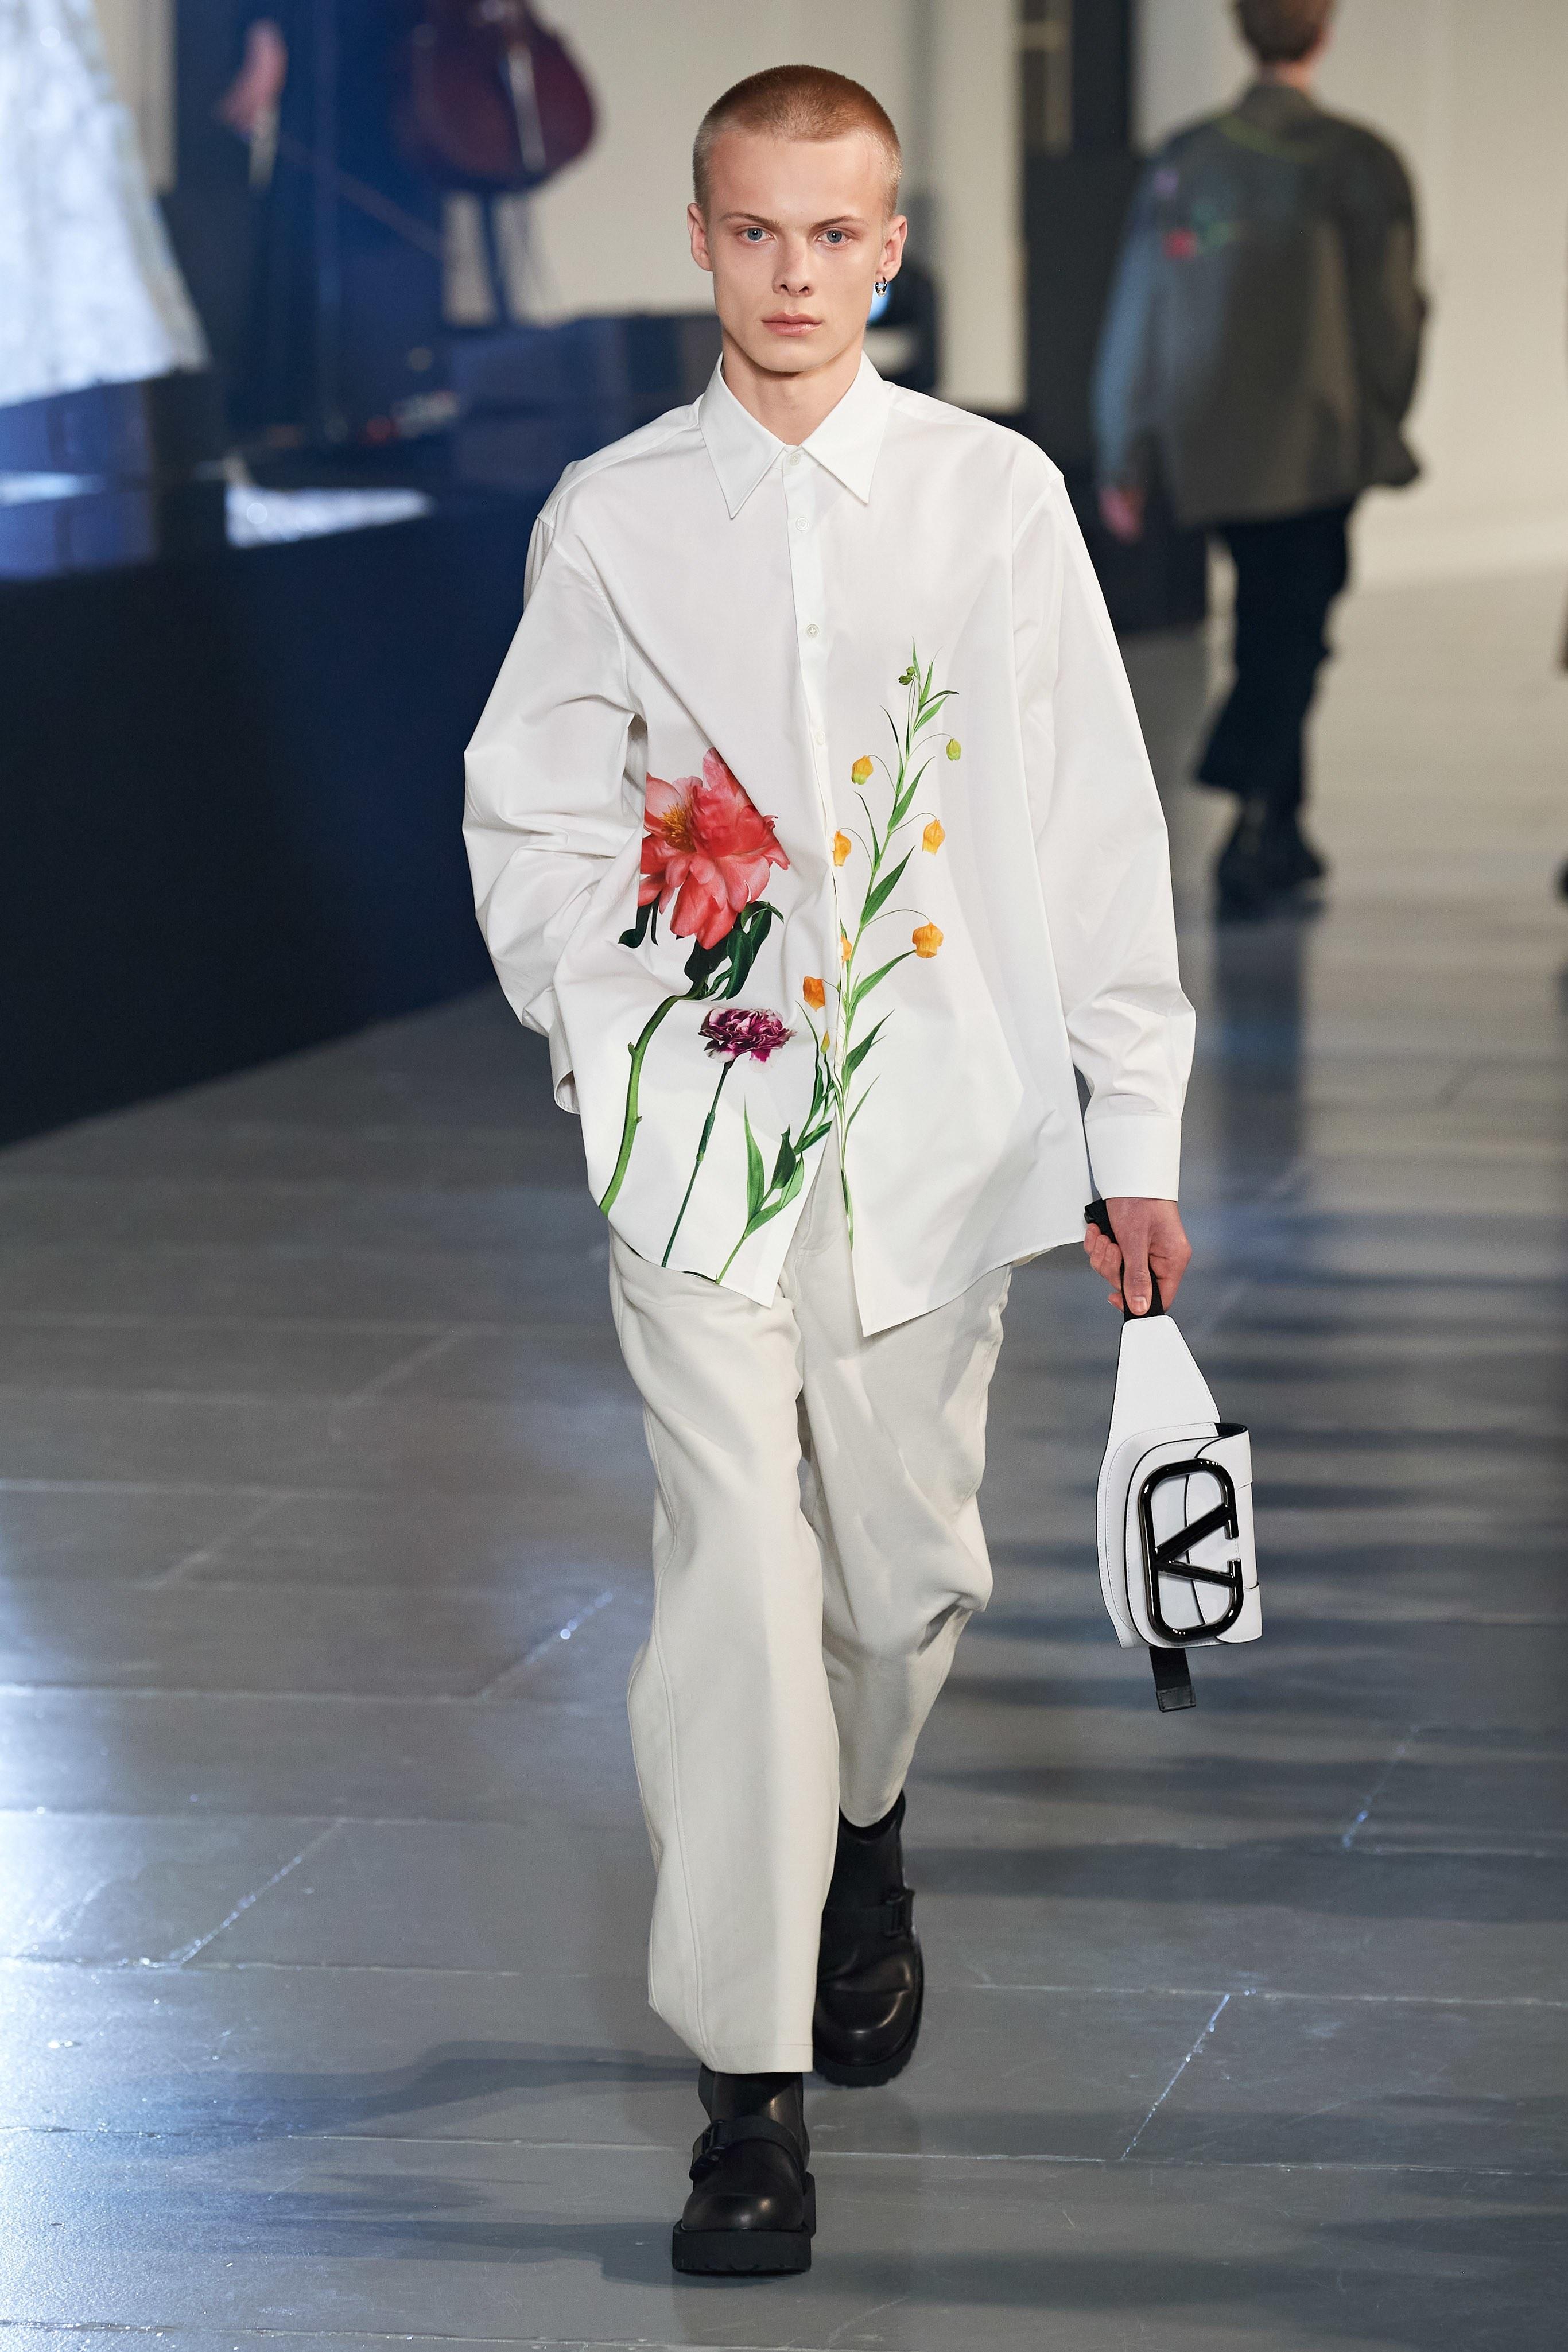 Valentino khang dinh dang cap, xoa mo dinh kien qua nhung nhanh hoa hinh anh 3 VL3.1.jpg